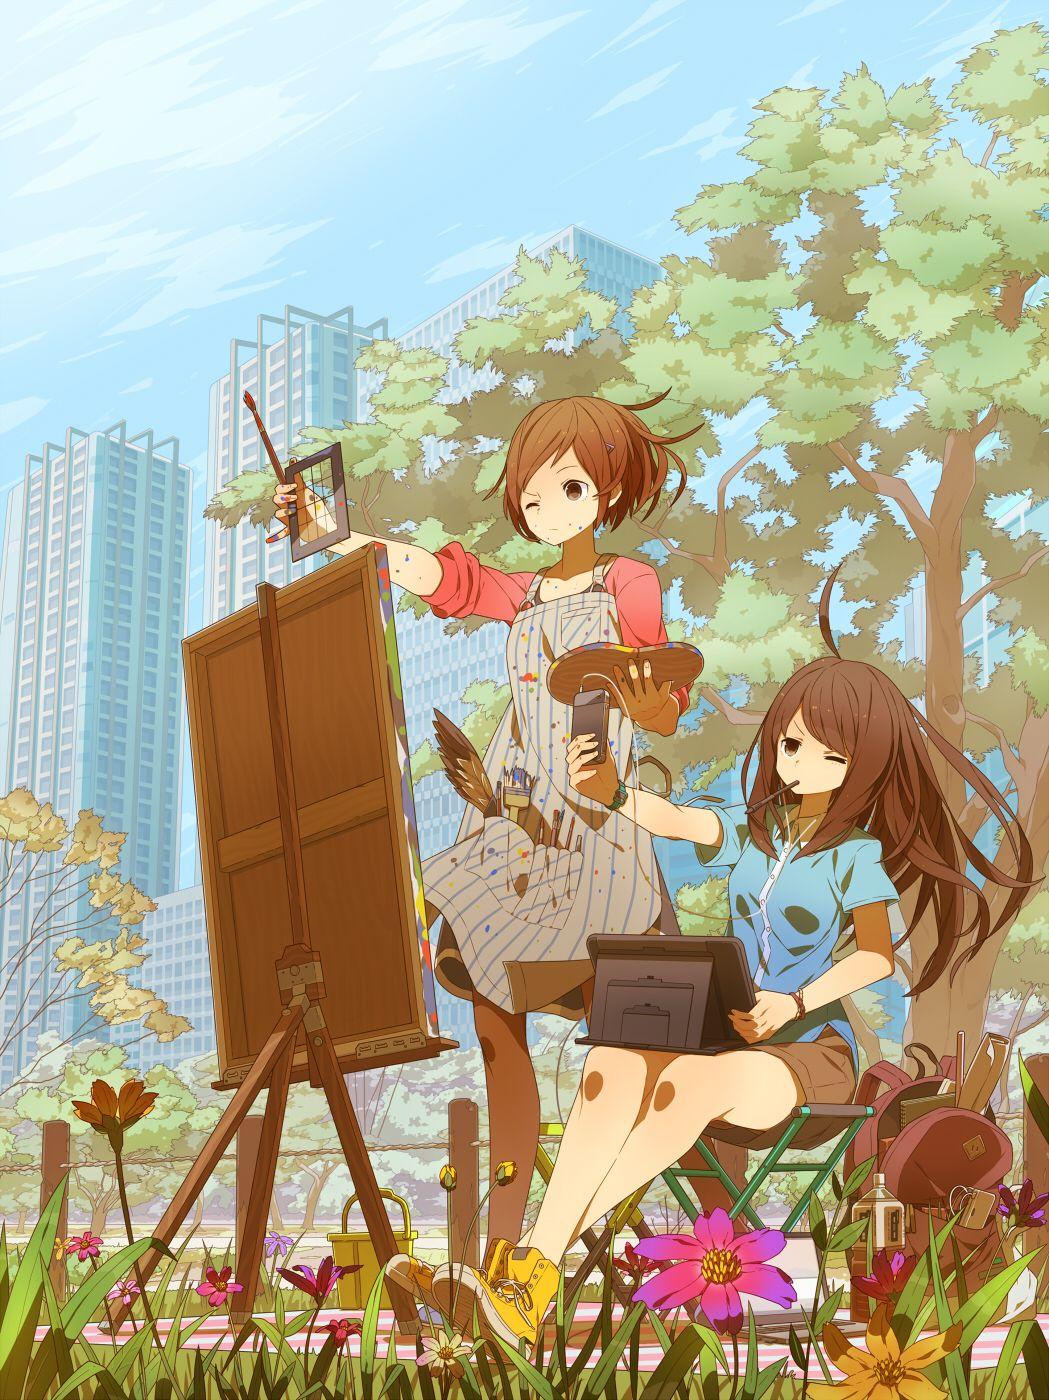 Sketch By Tomiokajiro On Deviantart I Love The Traditional Vs